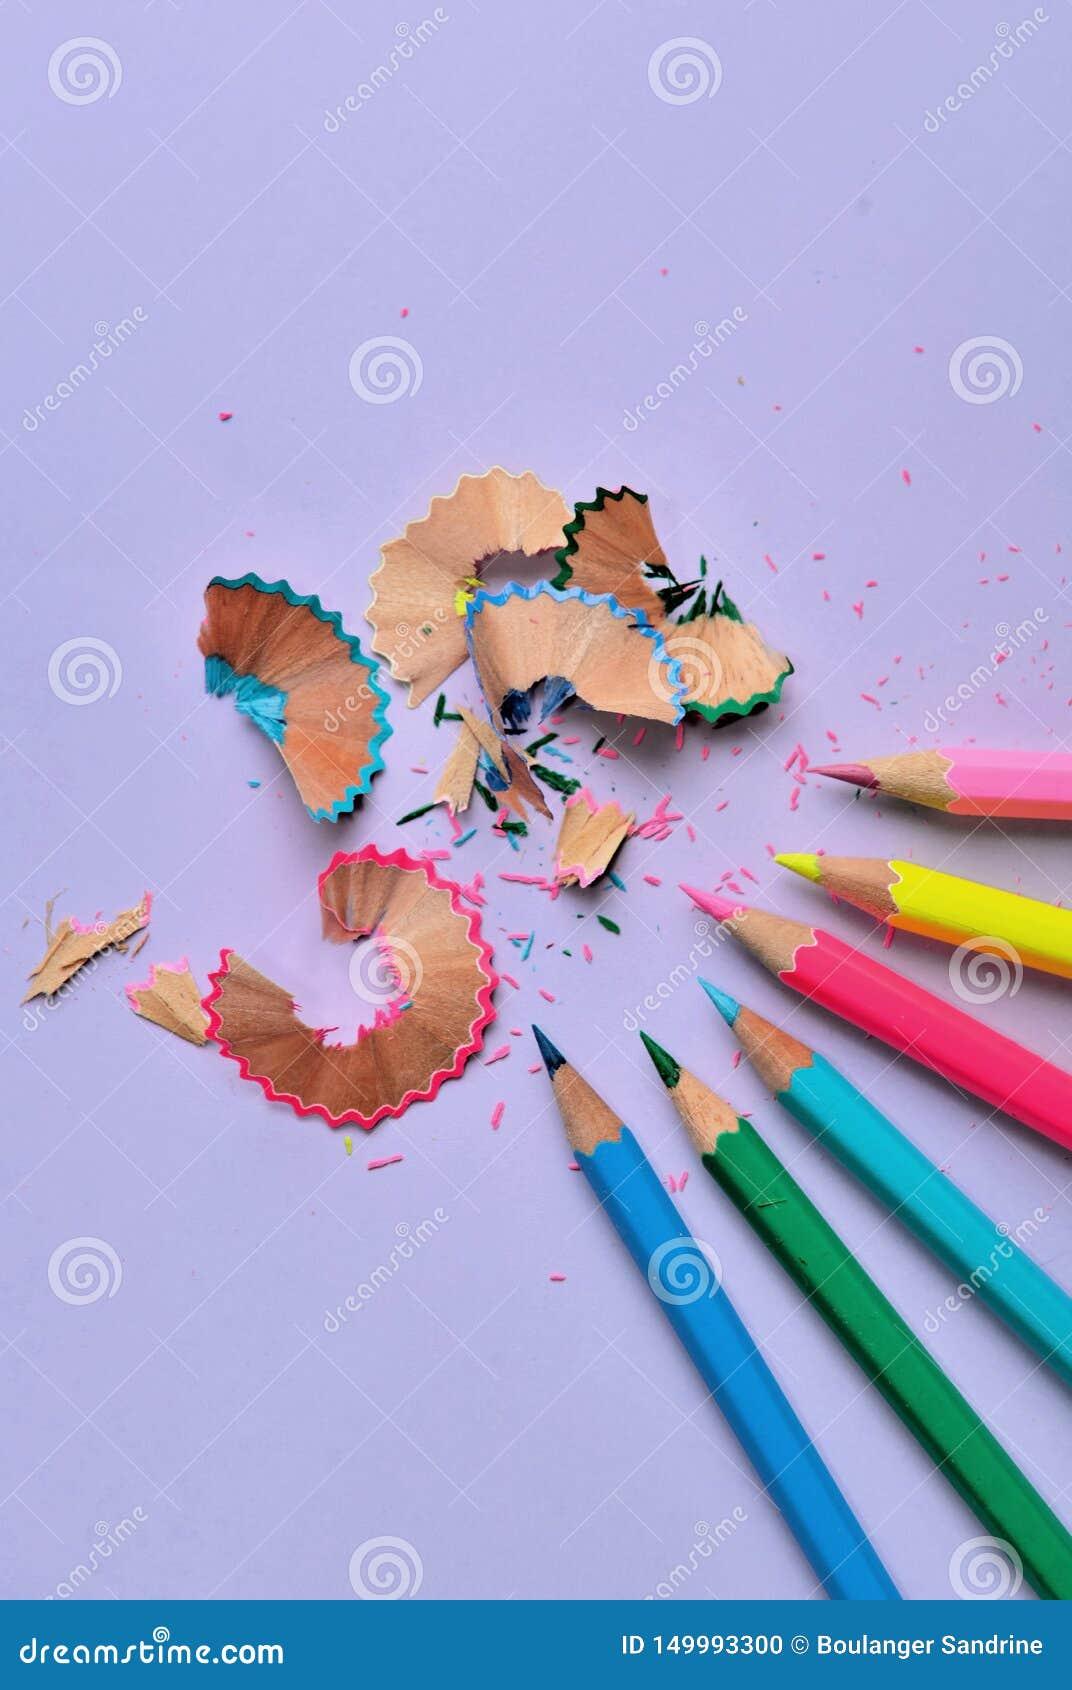 Κλείστε στα ξύλινα ζωηρόχρωμα μολύβια που ακονίζονται σε μωβ χαρτί